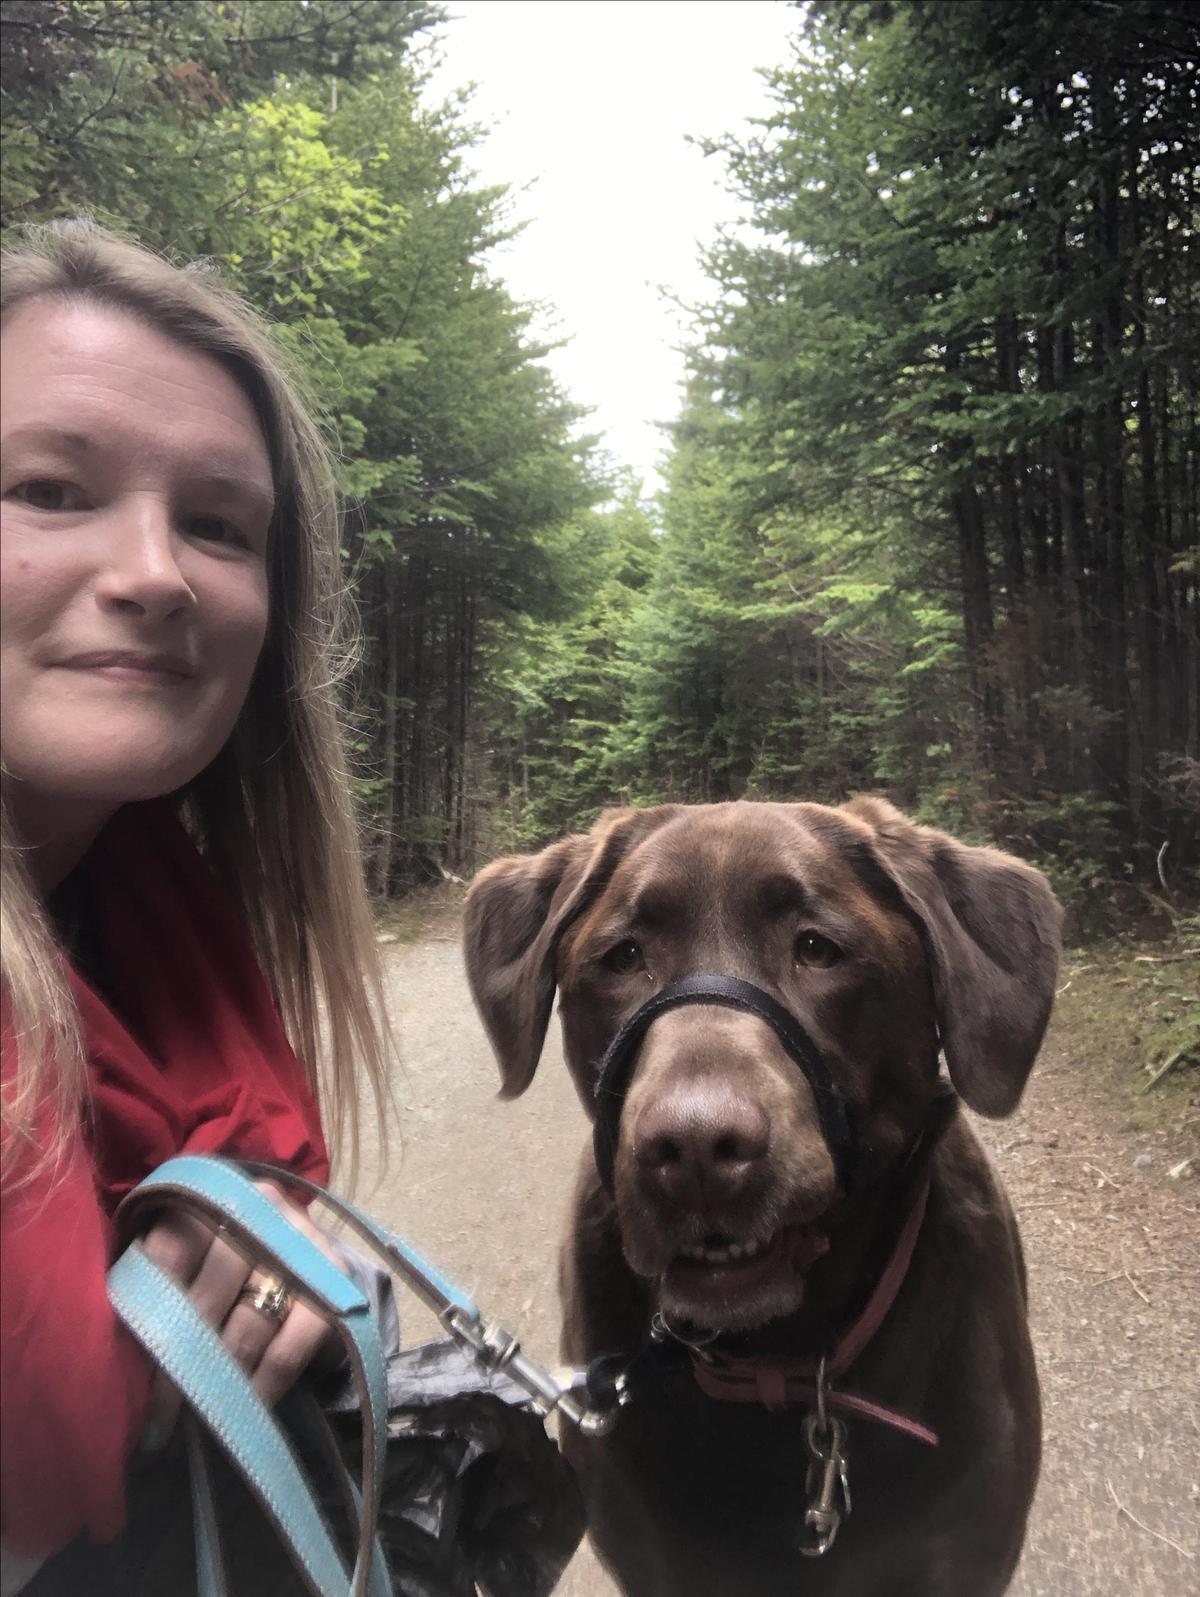 Kalici on St. John's Walking Trails